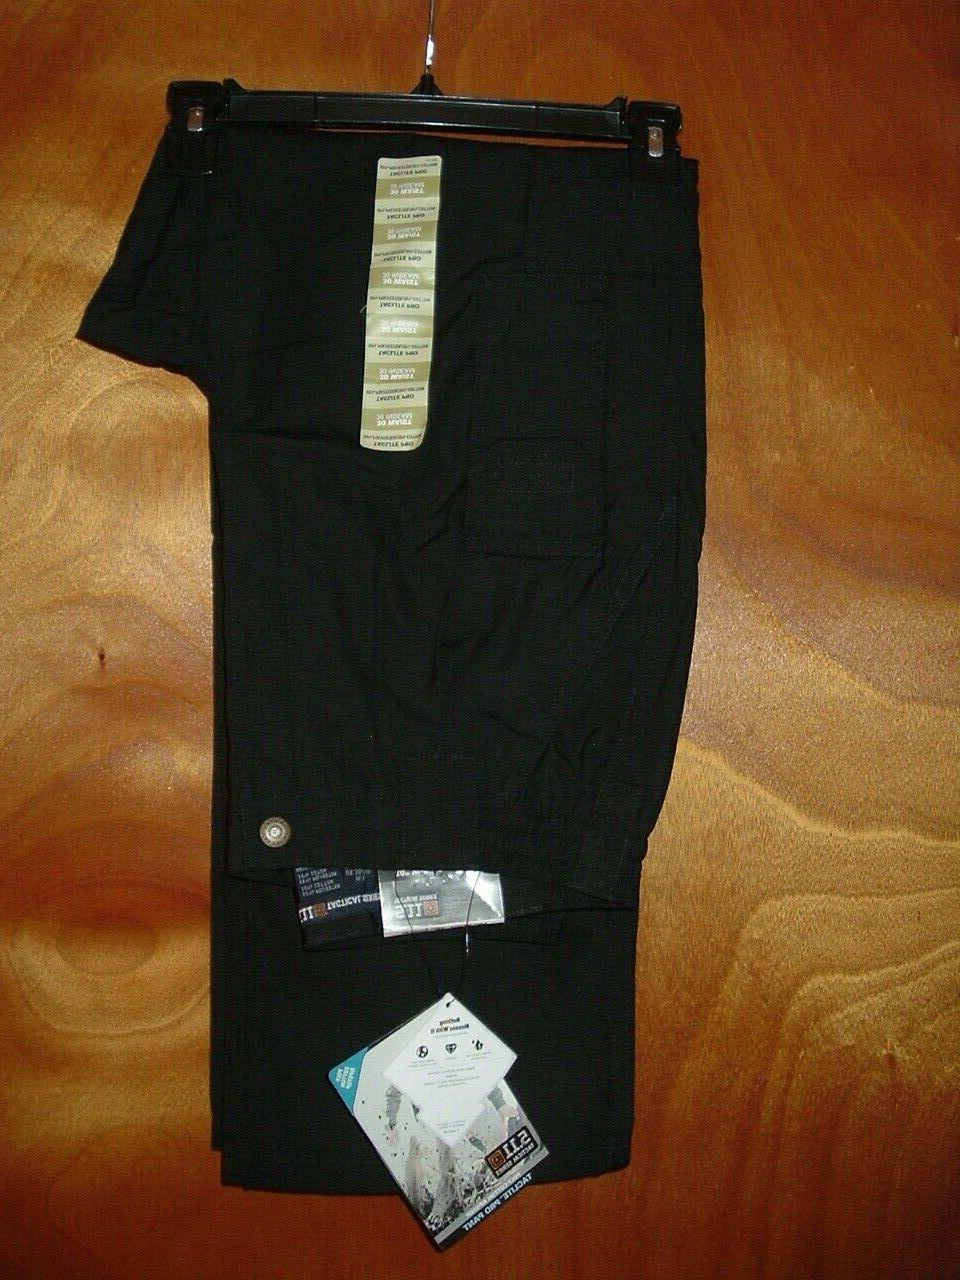 511 tactical series taclite pro pants black